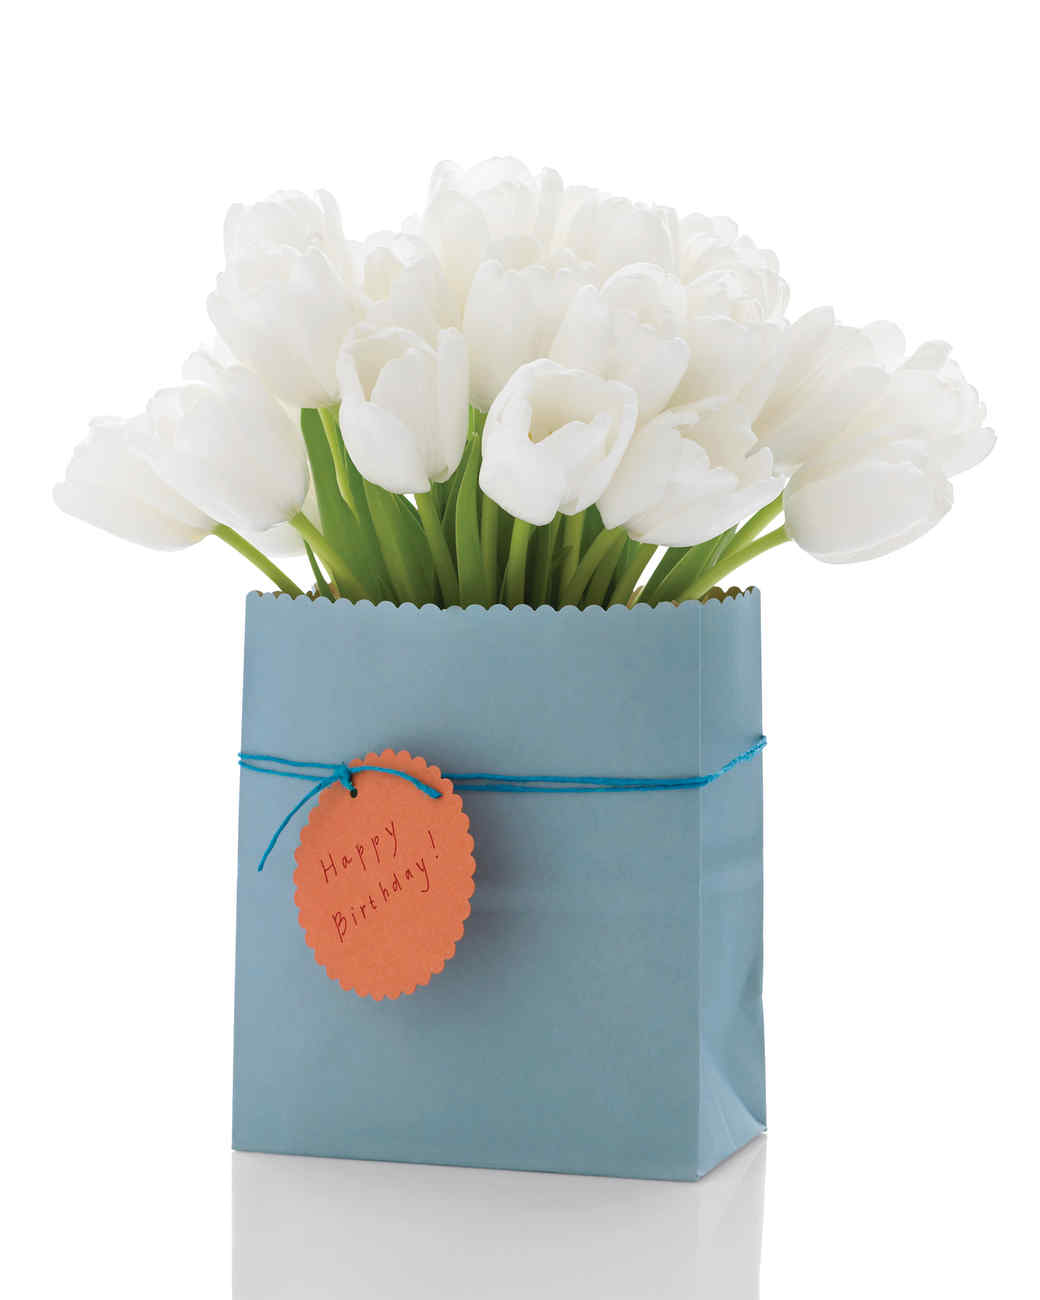 mld103022_0108_flowerbag.jpg